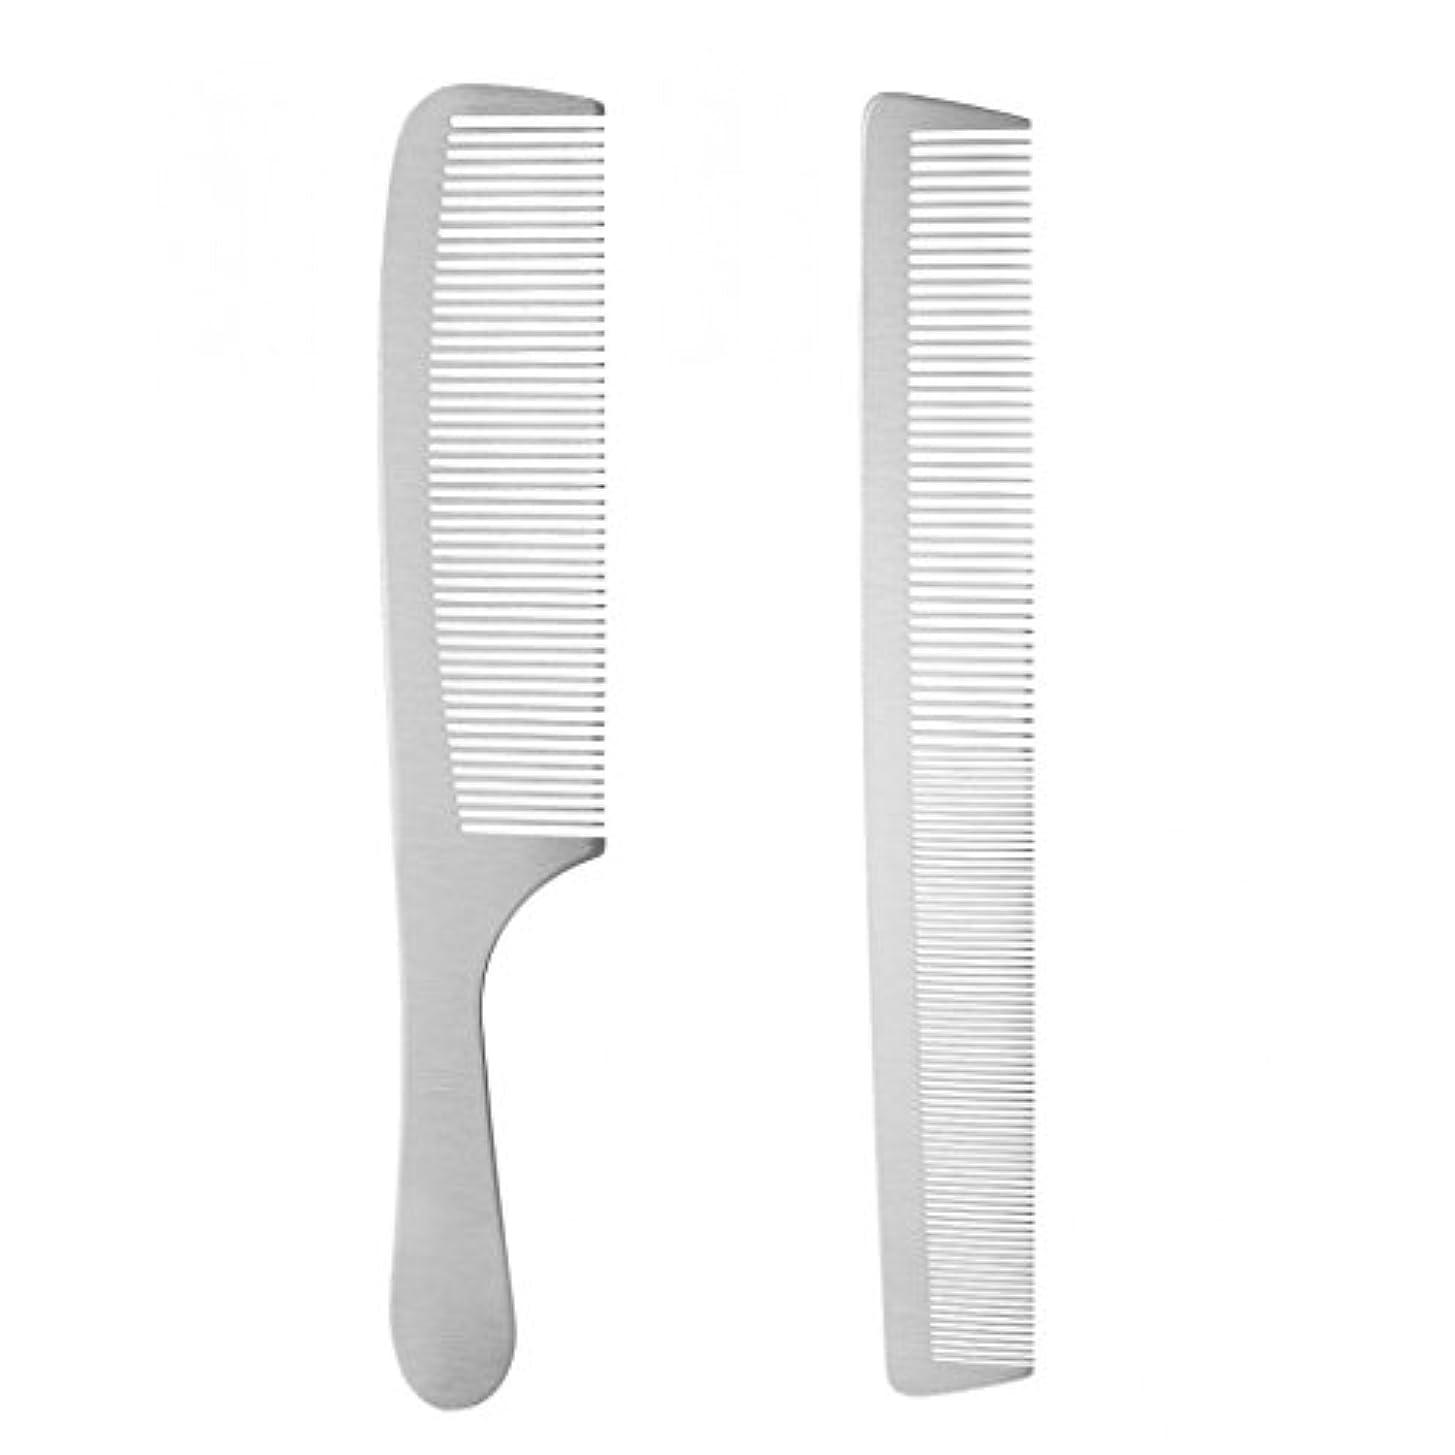 できない慣らすマザーランド2個 ヘアスタイリング ヘアカットコーム 櫛 ヘアブラシ ステンレス鋼 サロン 理髪師 カッティング 耐久性 耐熱性